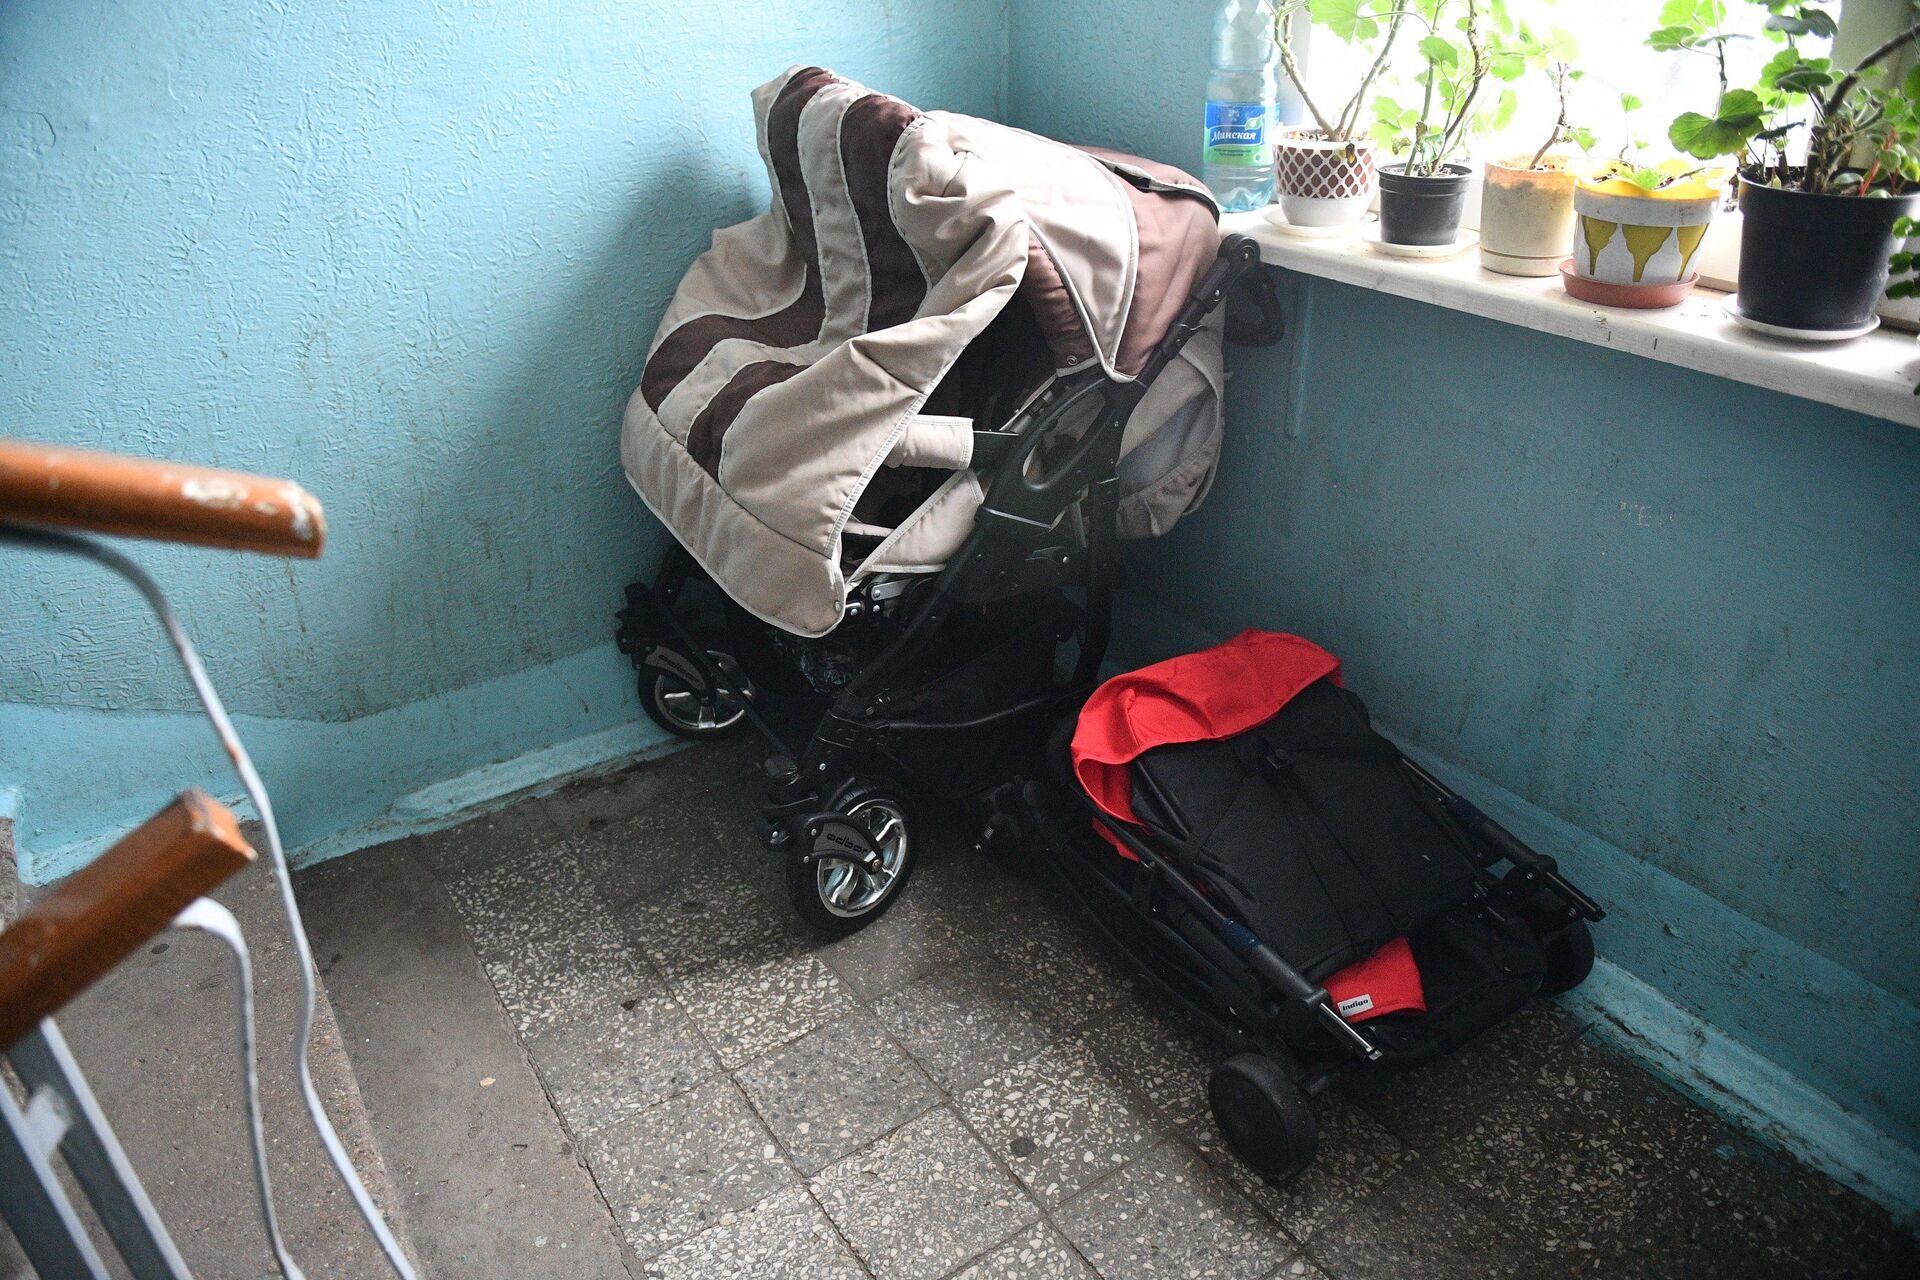 В очереди и без надежды: как семья с 3 детьми живет в 9-метровой комнатке  - Sputnik Беларусь, 1920, 03.02.2021